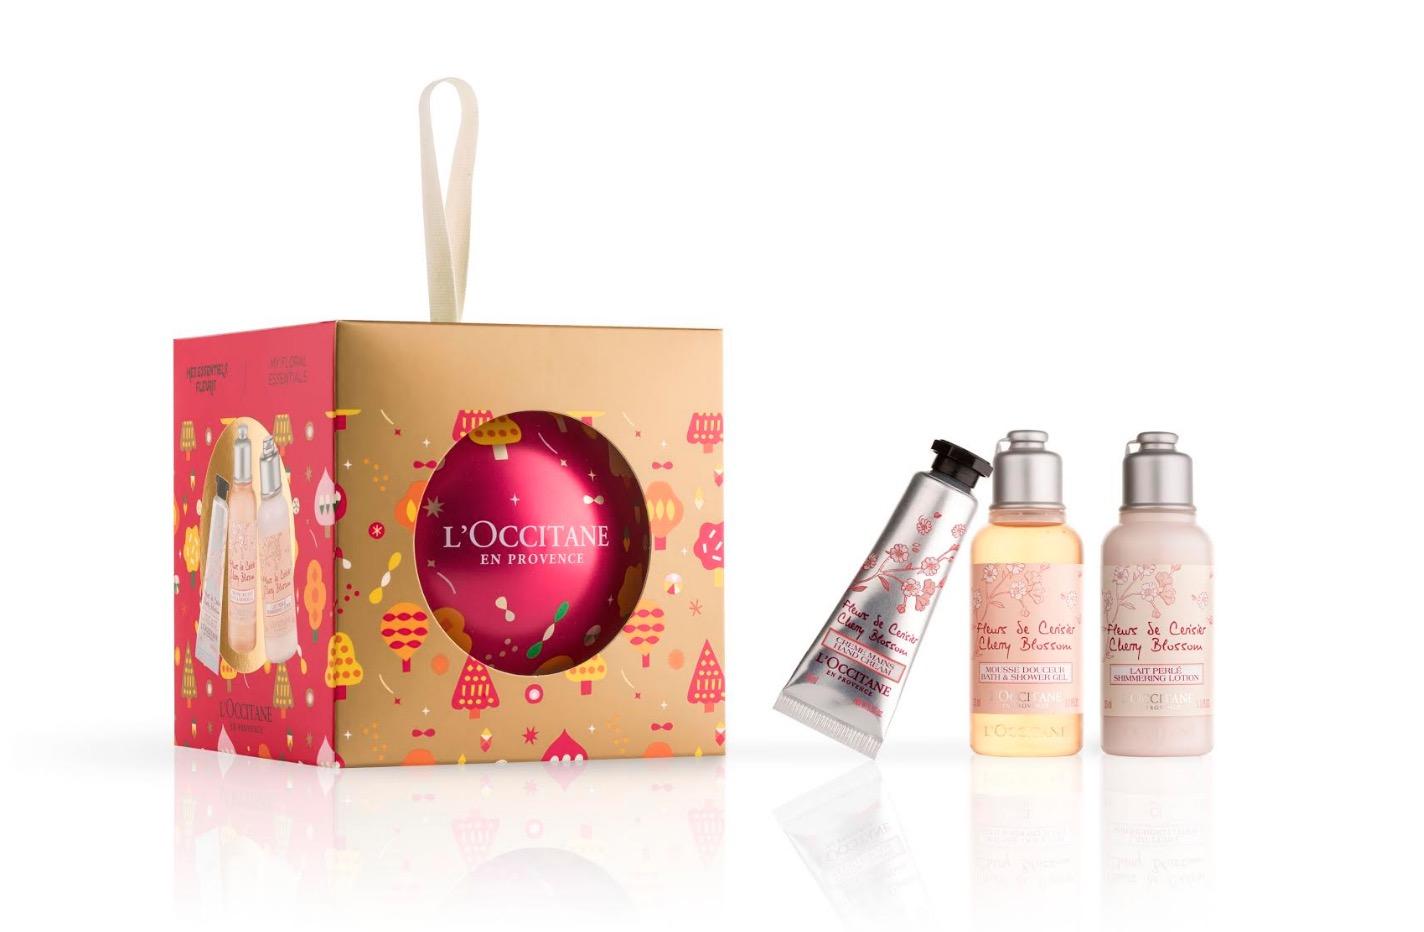 甜美可愛的櫻花紅色系彩球包裝中包藏最受亞洲女性喜愛的櫻花系列。